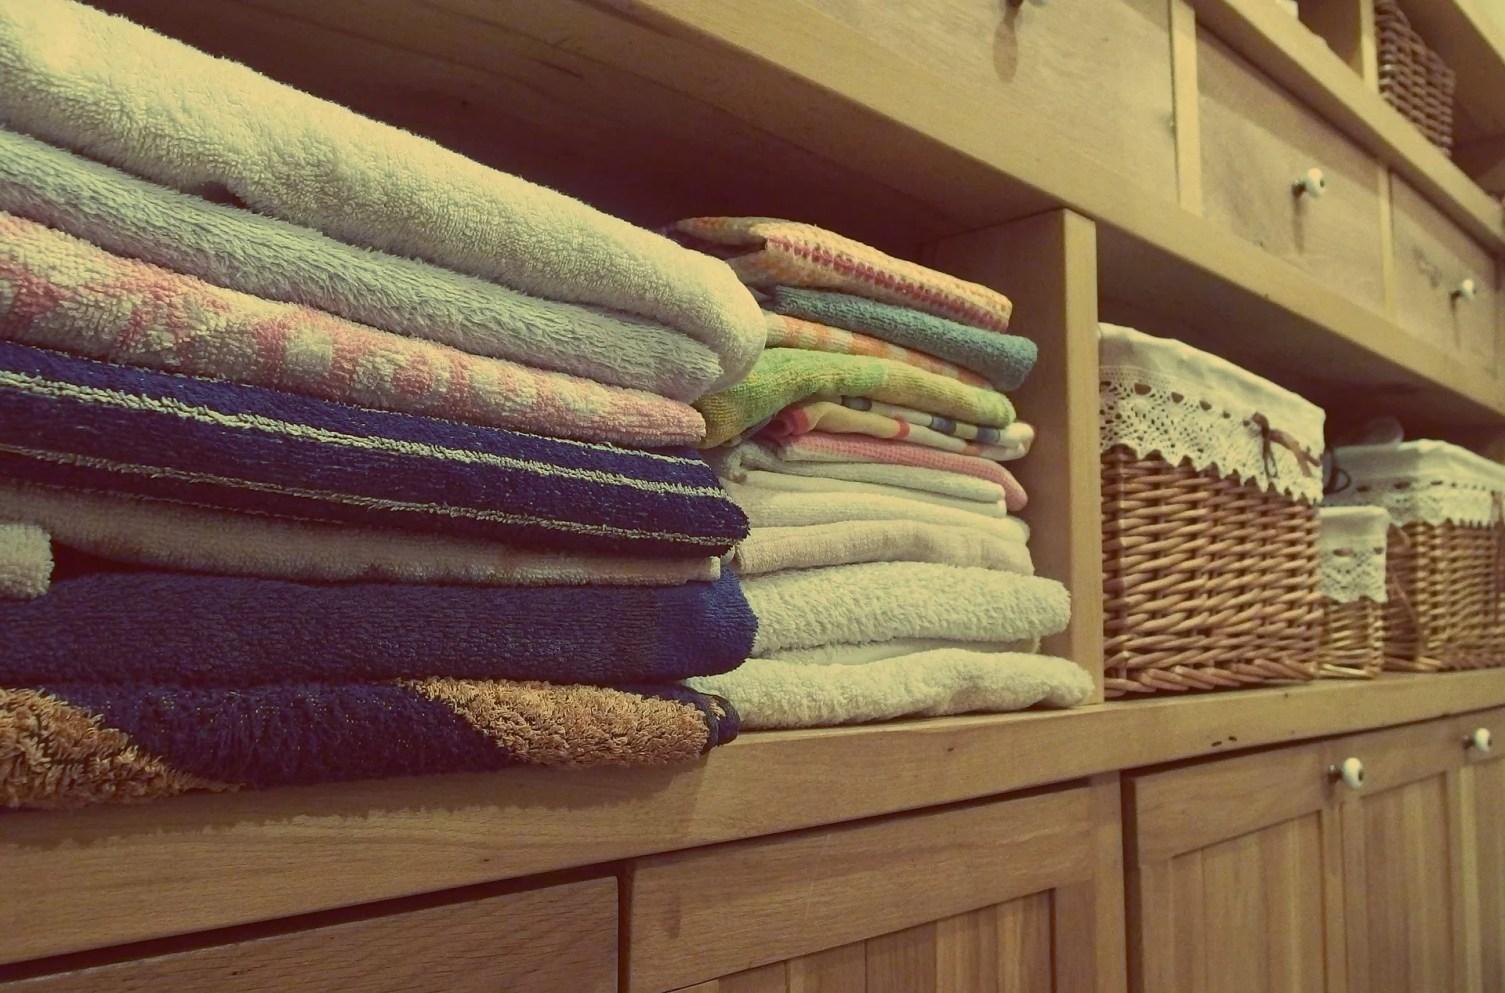 towels-923505_1920 (1).jpg